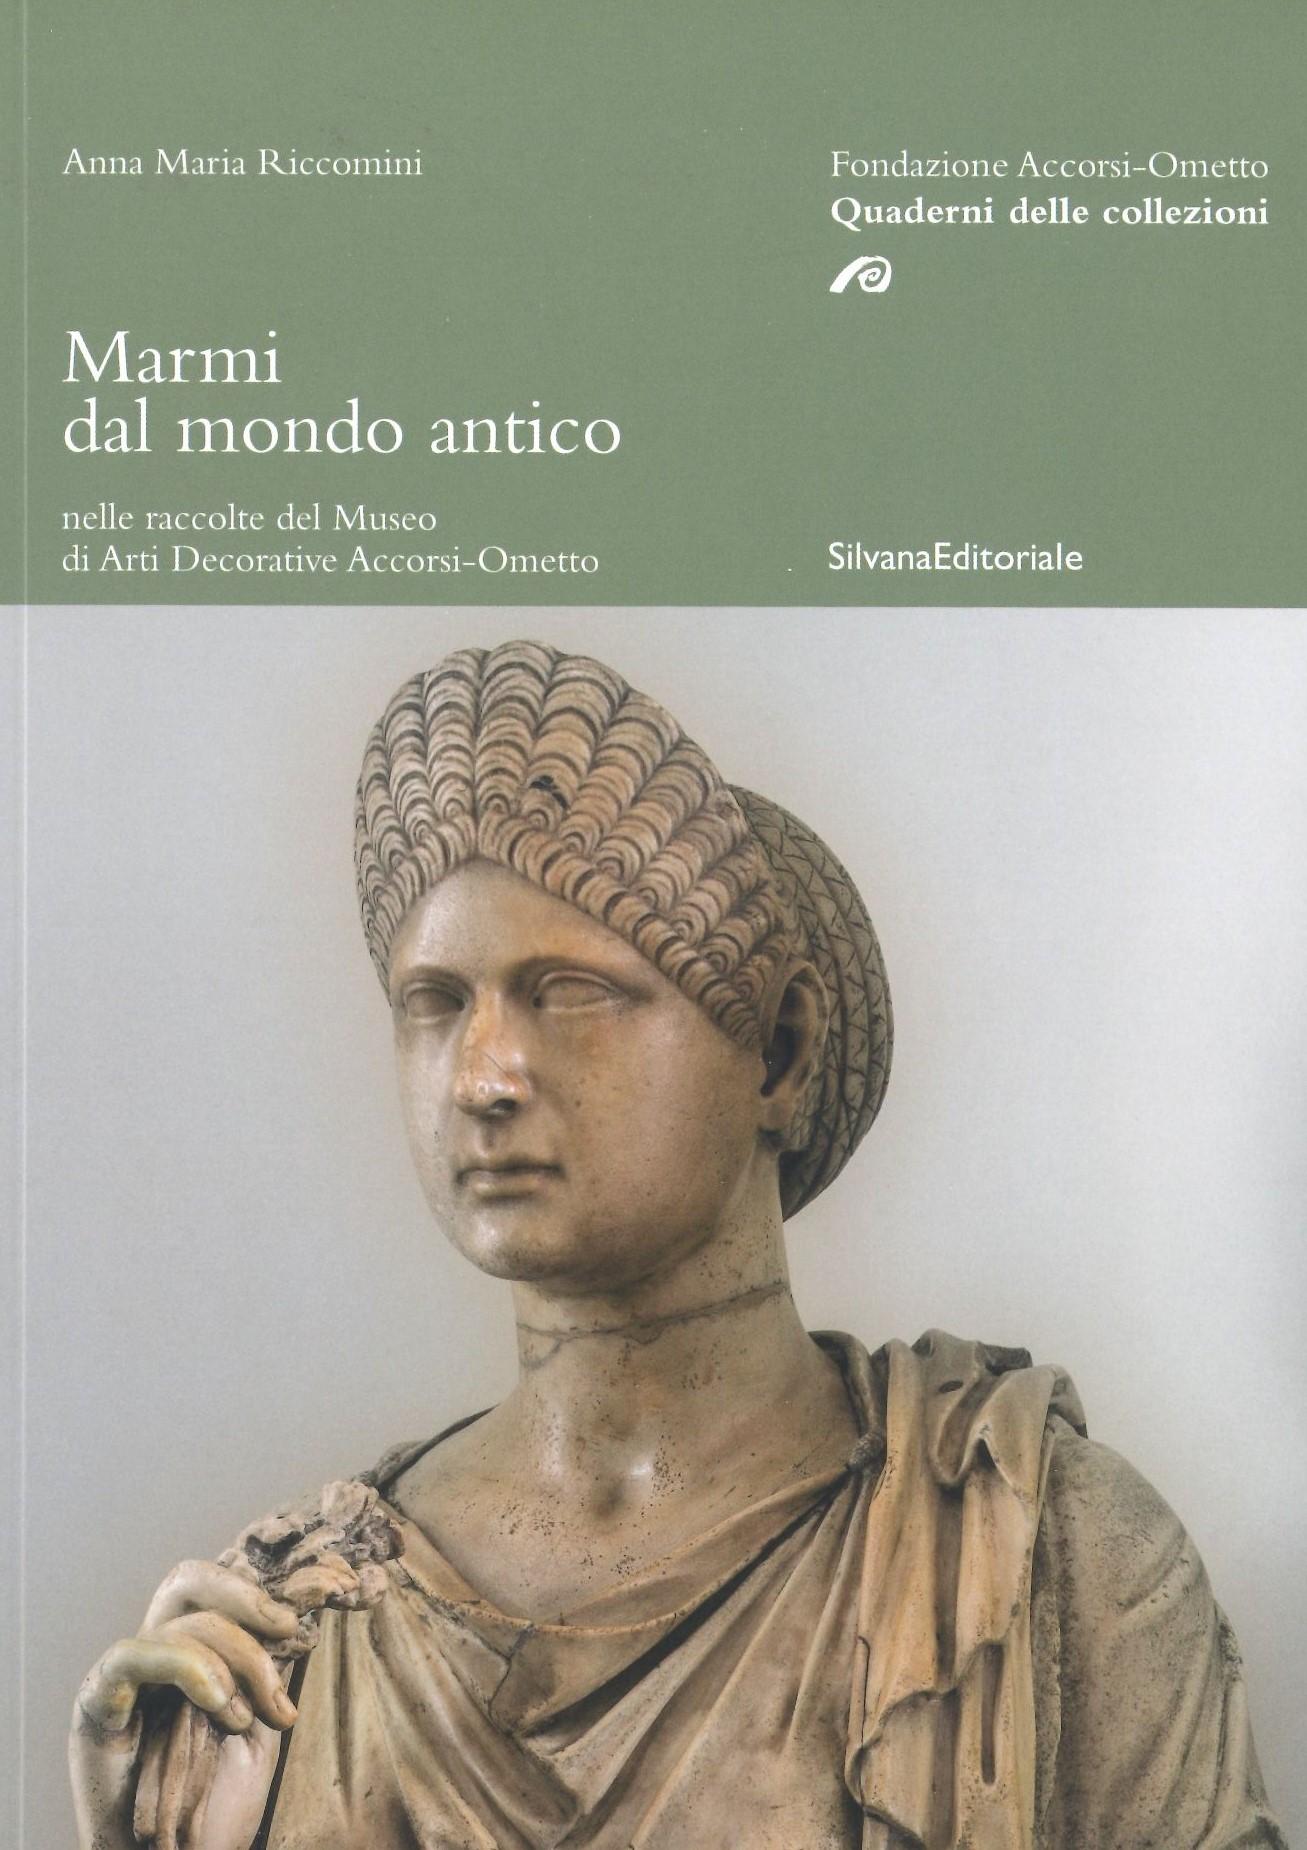 I Quaderni delle collezioni. Marmi dal mondo antico